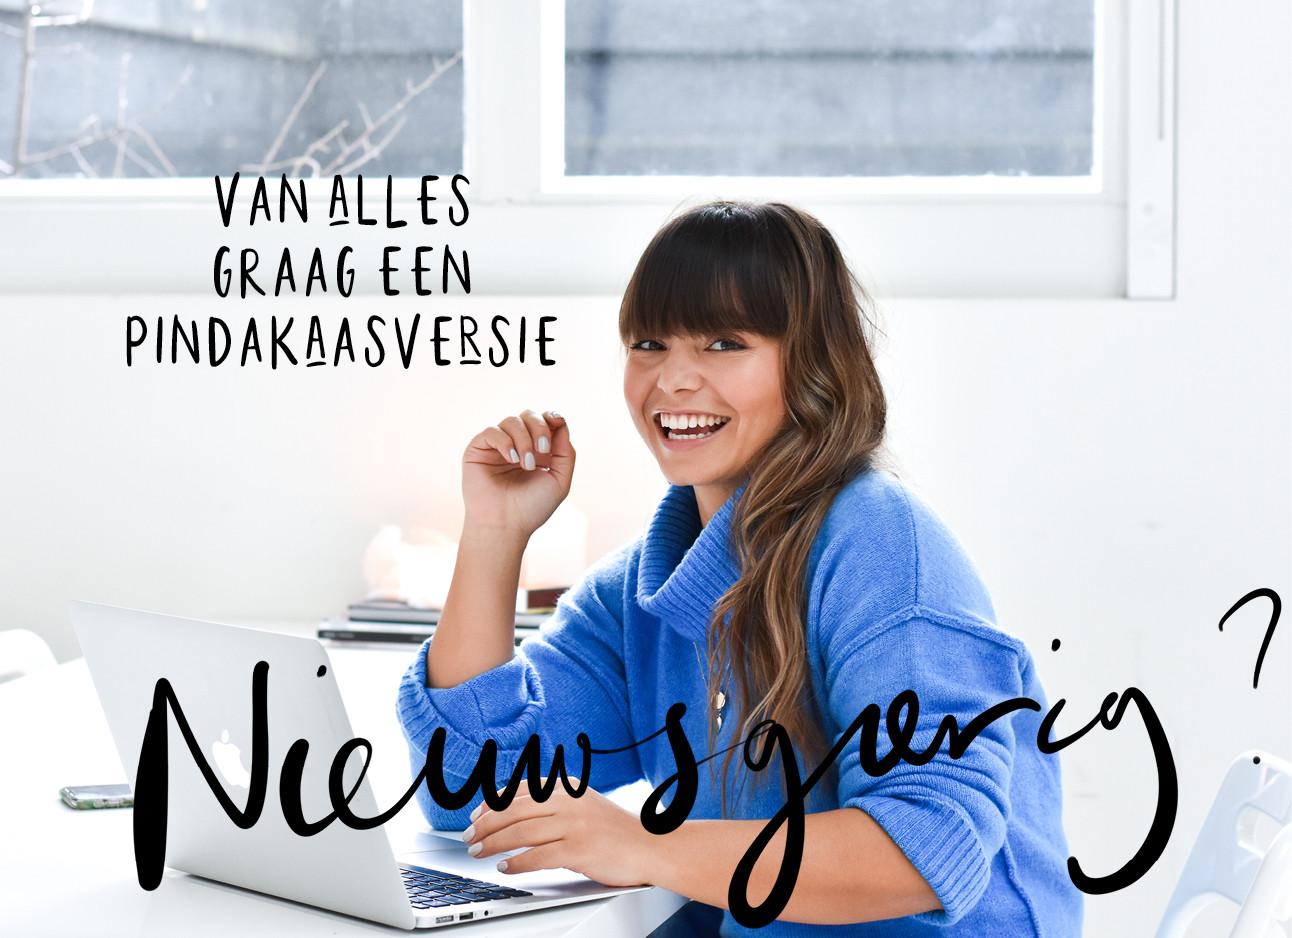 Kiki die lachend achter haar laptop zit en een blauwe trui draagt